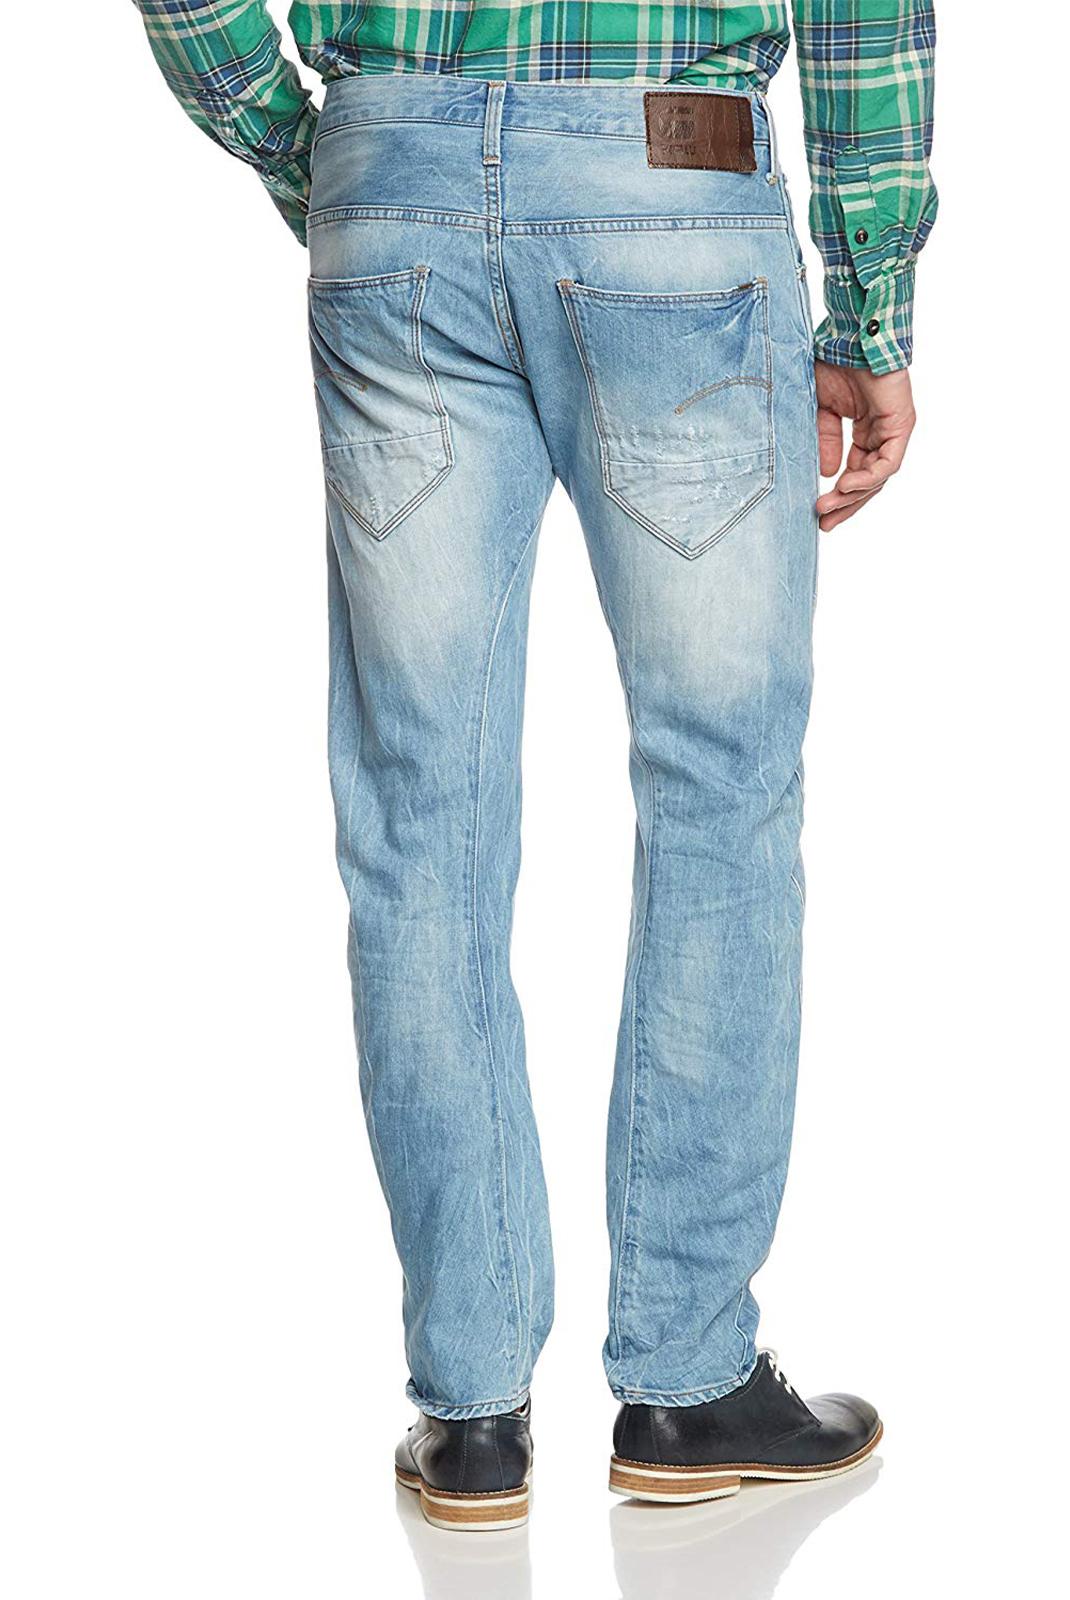 Jeans  G-star 51030-6746-1243 arc bleu